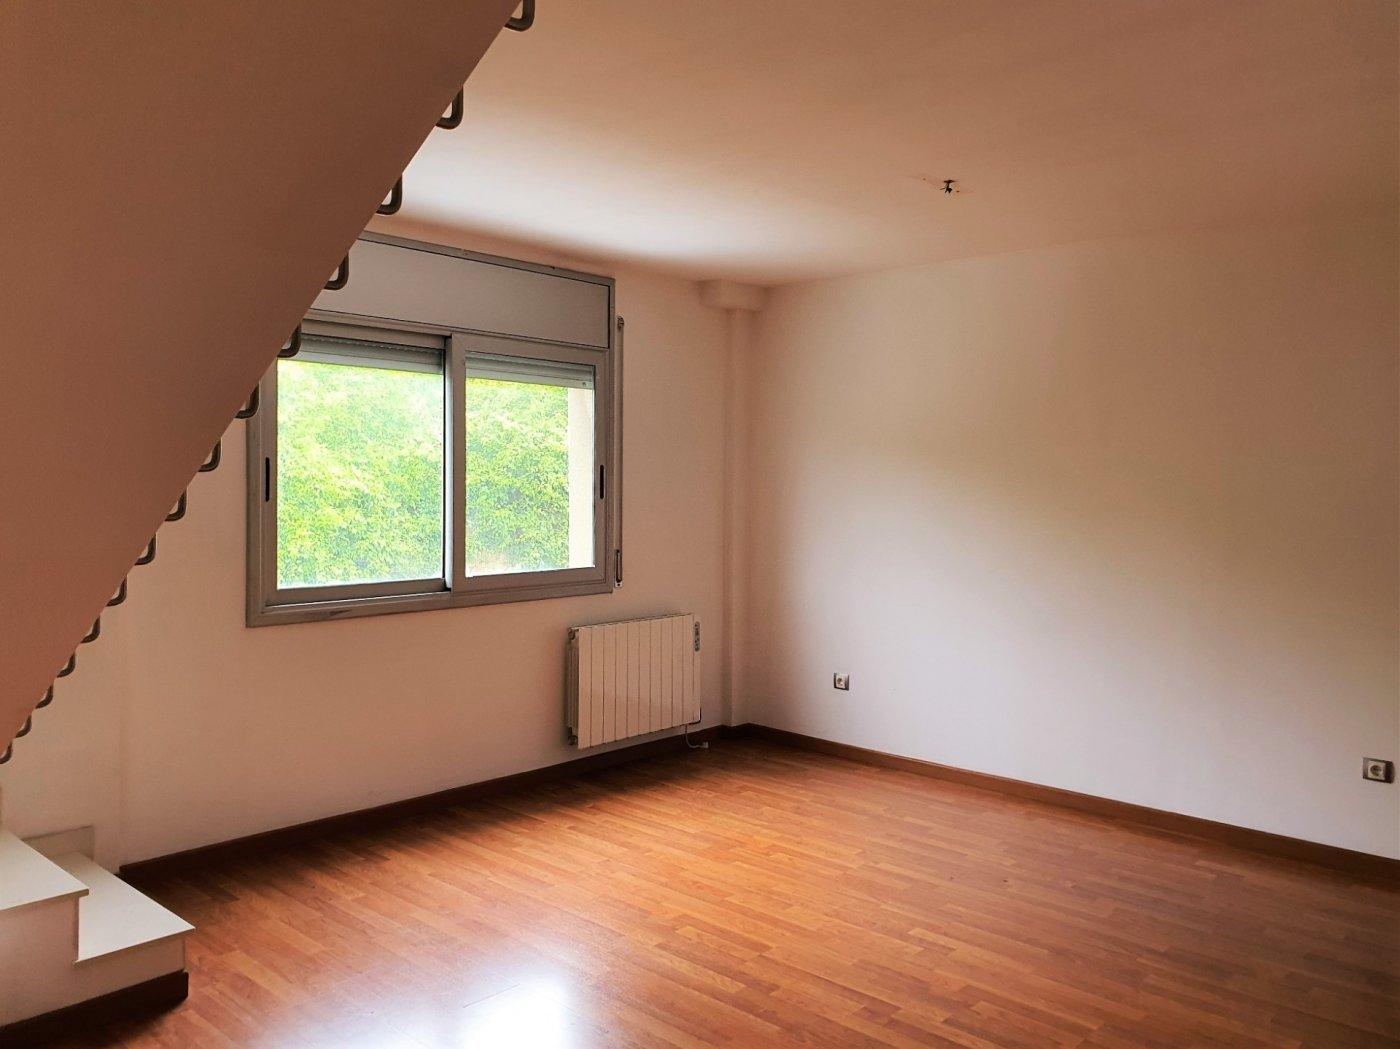 dÚplex seminuevo en alquiler con balcÓn dos balcones en castellgalÍ.